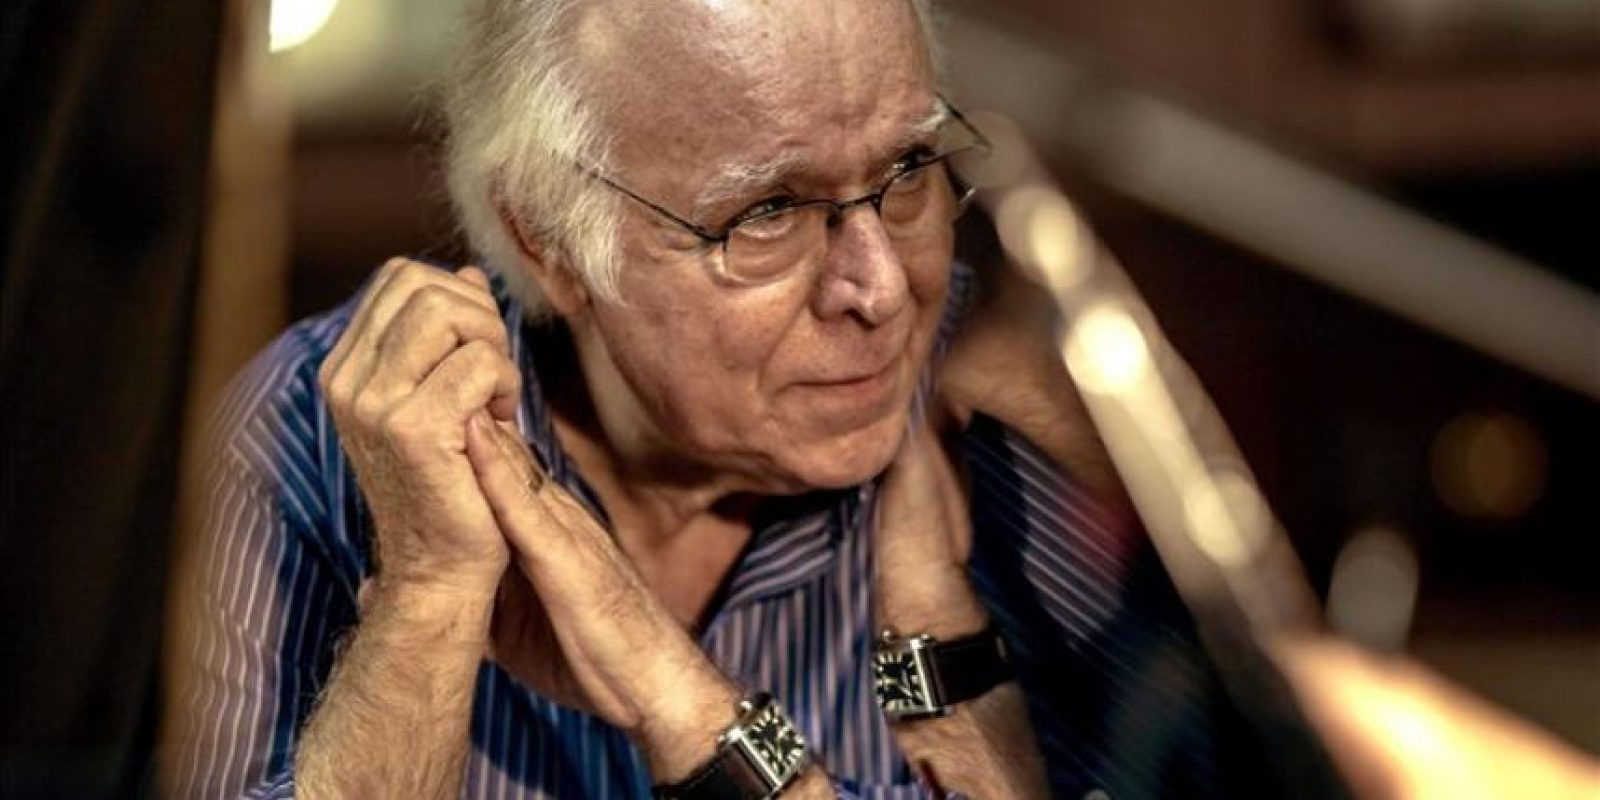 """Fotografía facilitada por la productora Universal Music, del cantante portugués Carlos do Carmo que, a sus 75 años, continúa la senda iniciada por Amália Rodrigues para dotar al fado de una dimensión internacional, una """"batalla"""" que puede considerar ganada tras convertirse en el primer portugués en ganar un Grammy. EFE"""